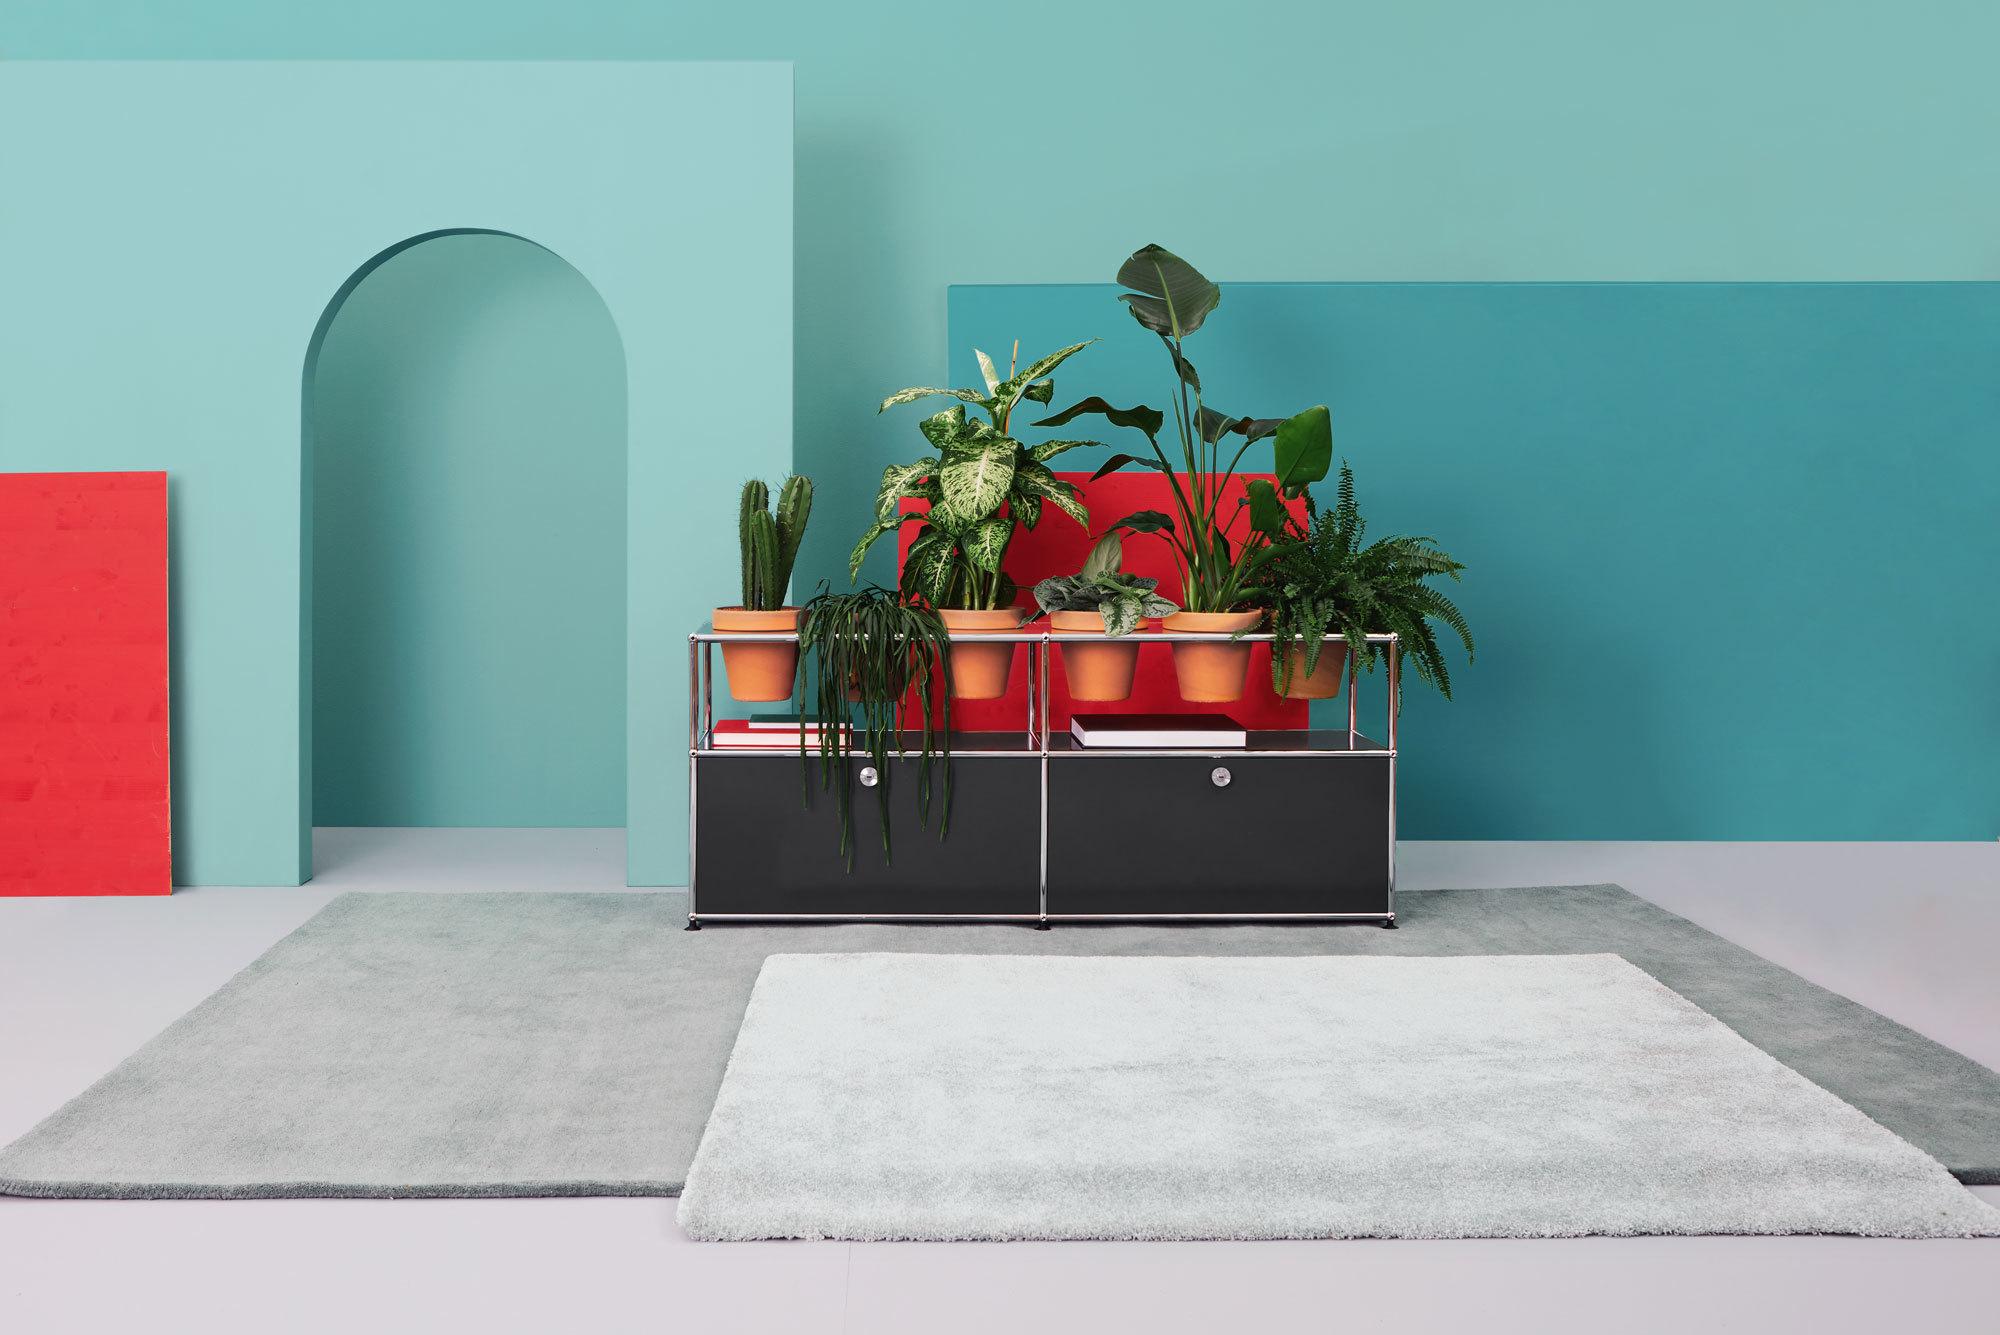 Ein leicht zu integrierendes Pflanzenmöbel für Wohn- und Büroräume als Teil des USM Möbelsystems, Foto: Studio Eyecandy